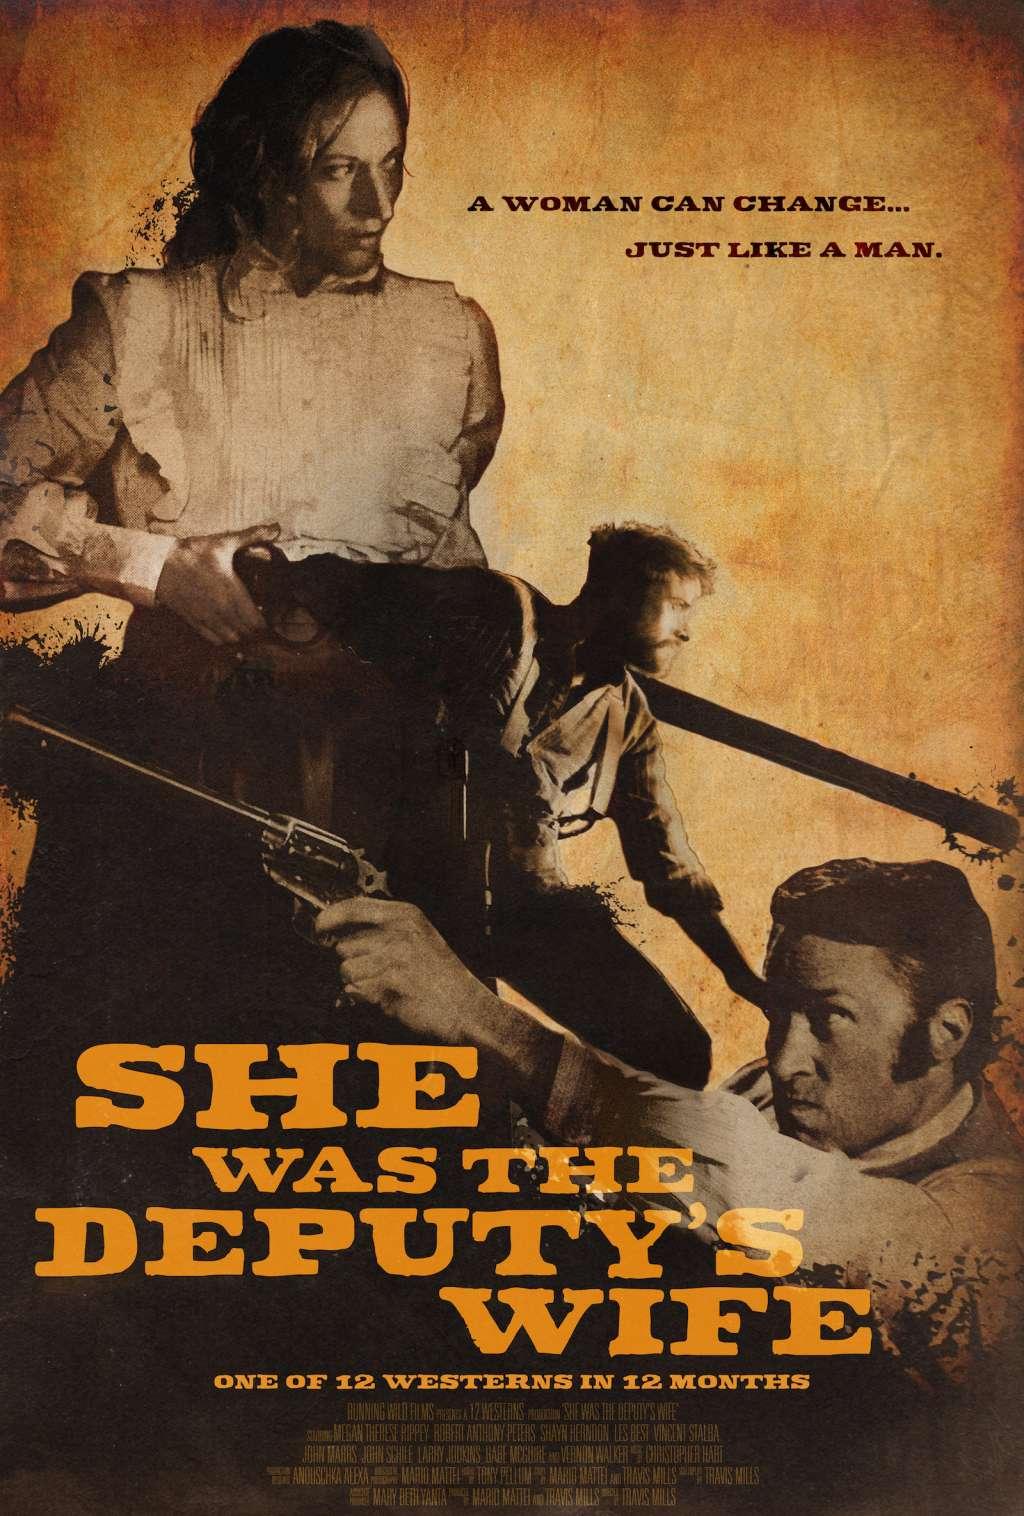 She Was the Deputy's Wife kapak